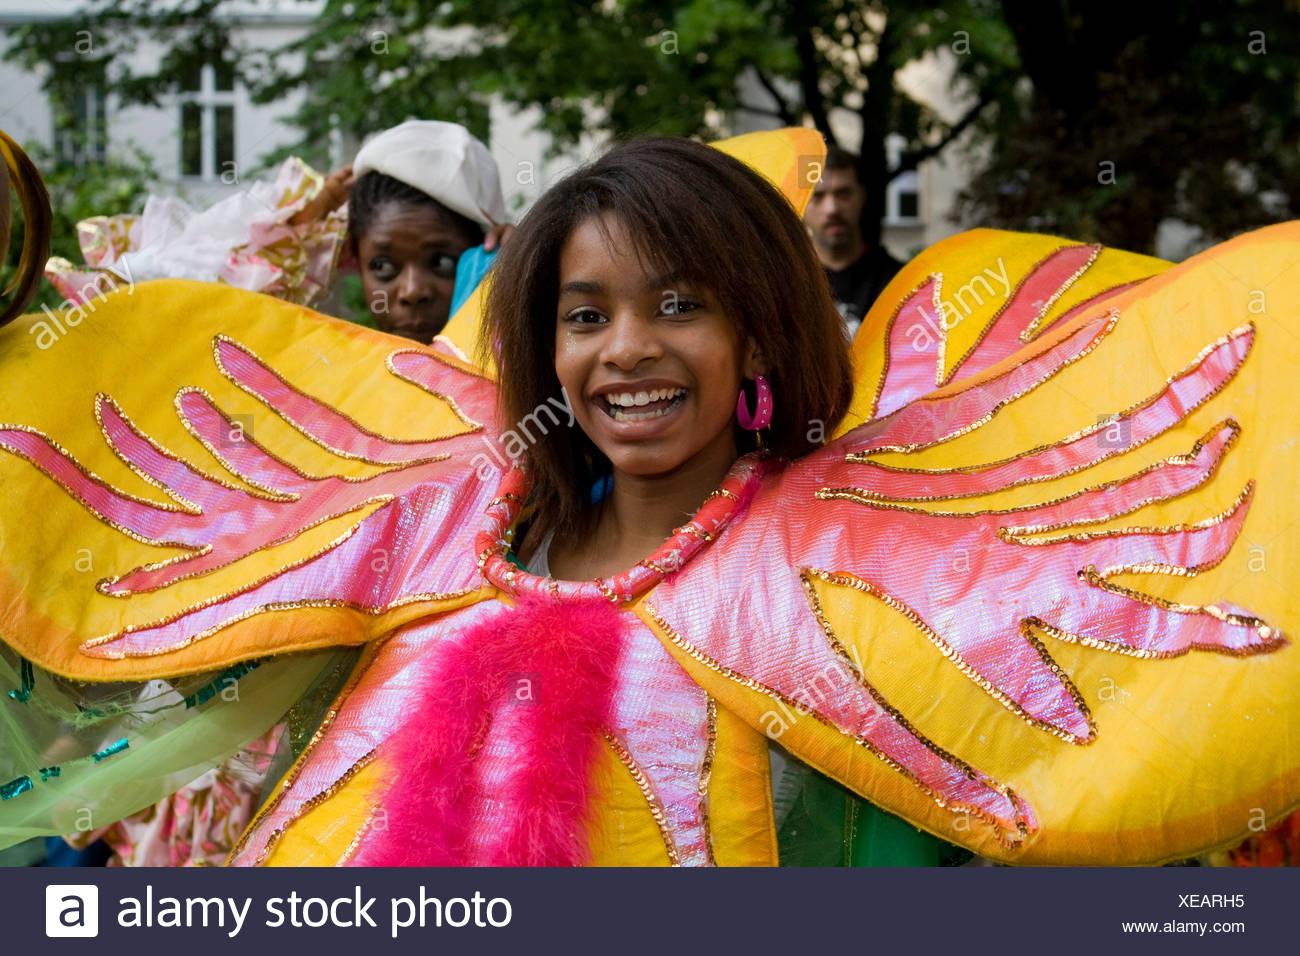 Mujer joven, Amasonia group, el Carnaval de las Culturas 2009, Berlín, Alemania, Europa Imagen De Stock